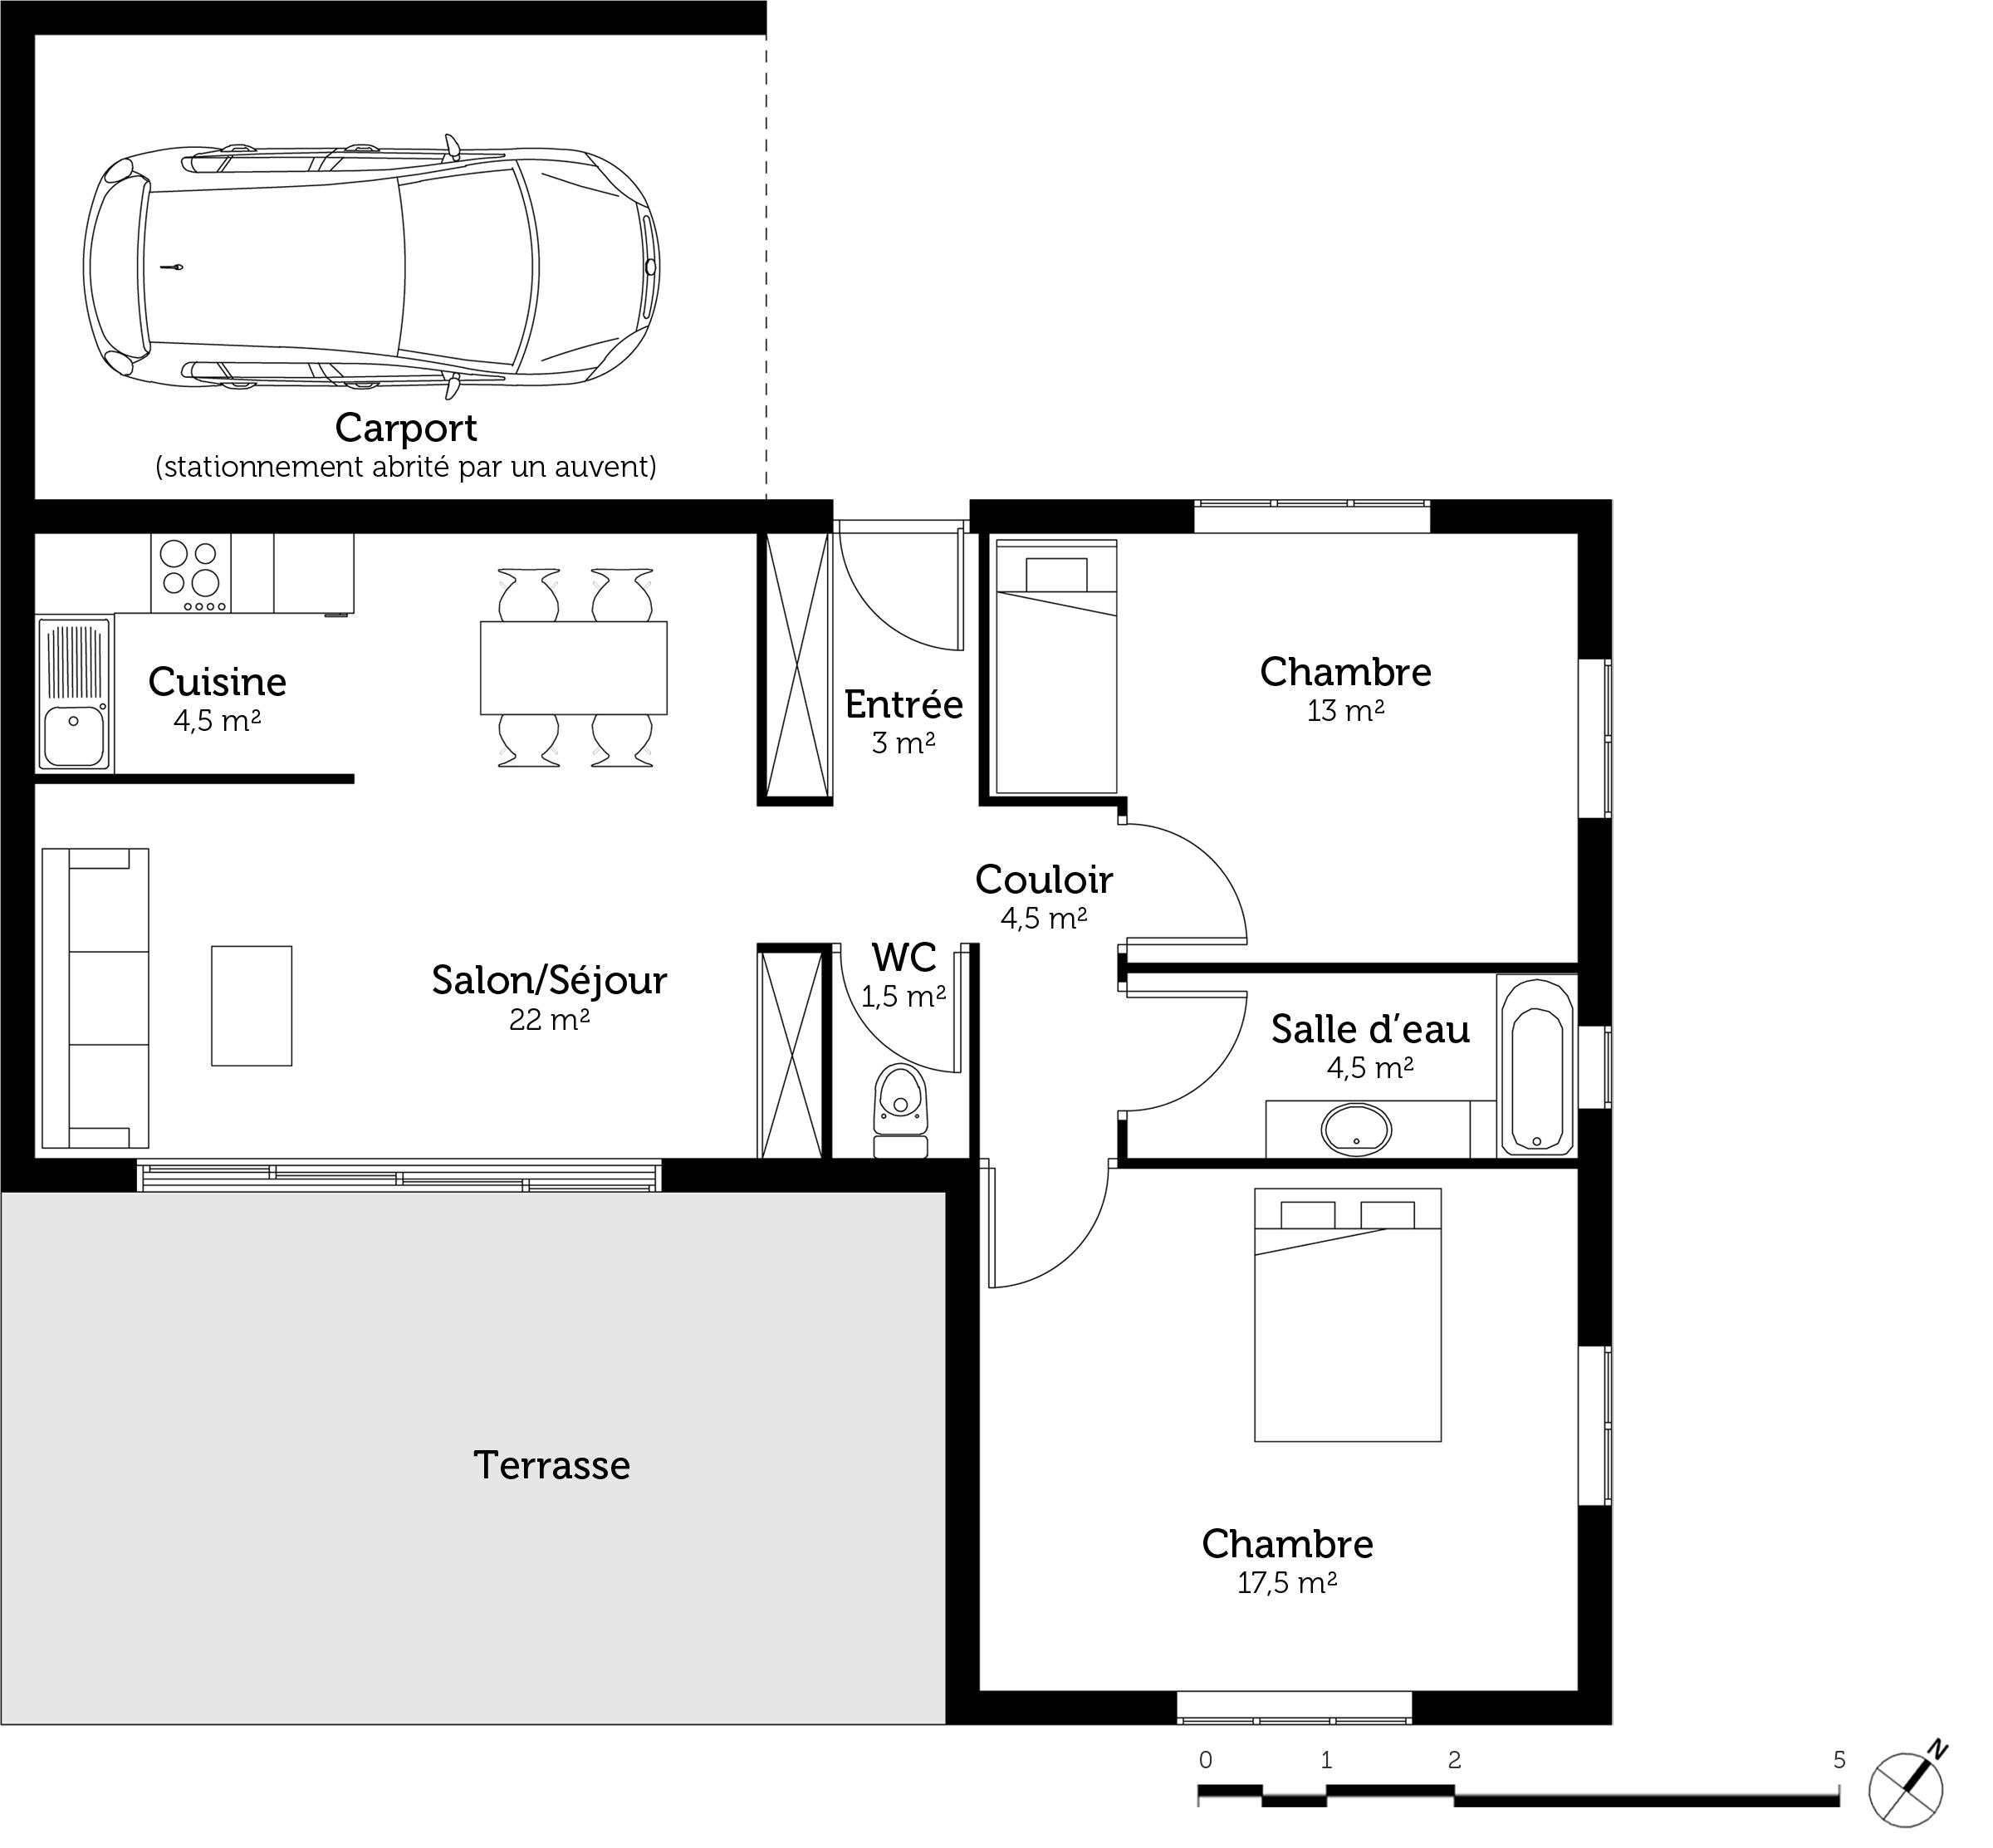 Plan maison en l avec abri de voiture ooreka - Plan abri voiture ...